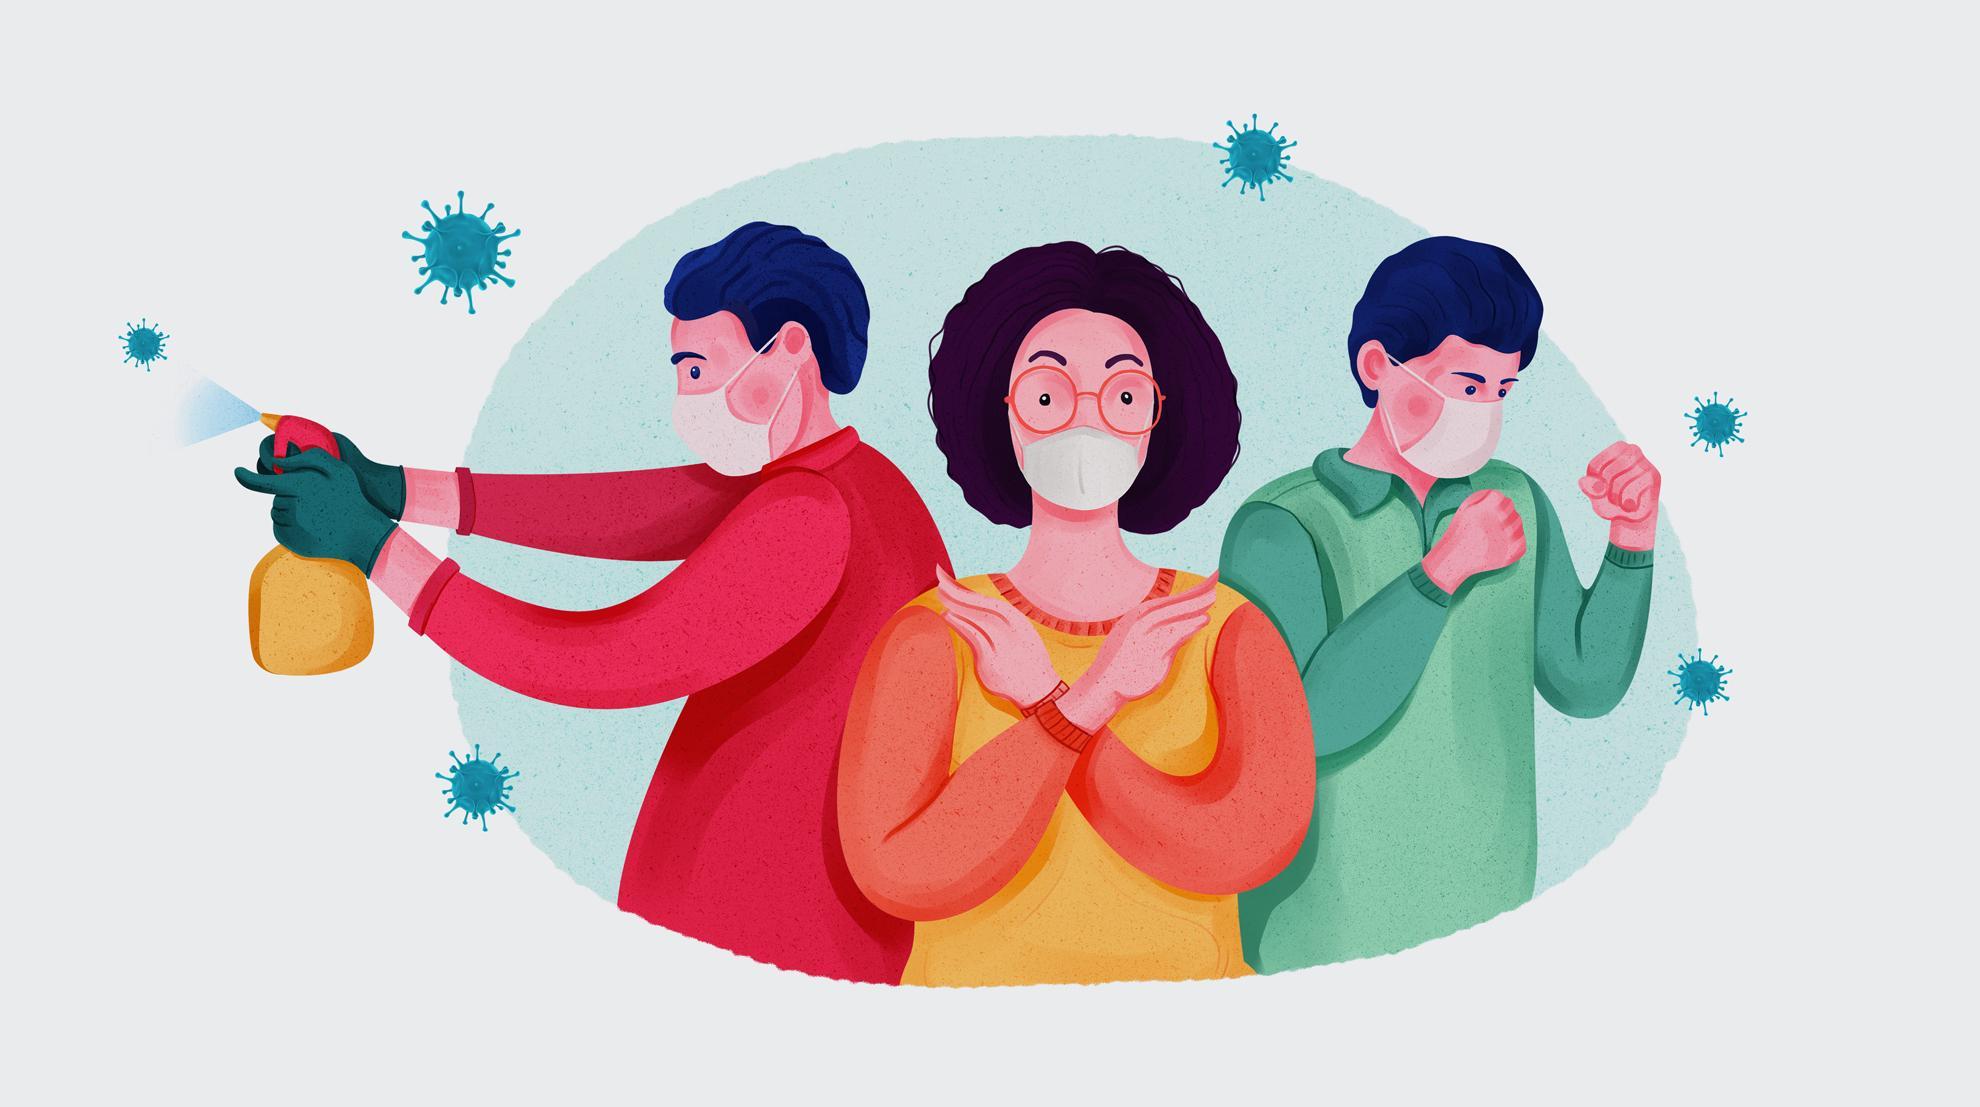 Коронавирус, грипп и ОРВИ объединяются. Чем это грозит и как спастись от всех трёх заболеваний?